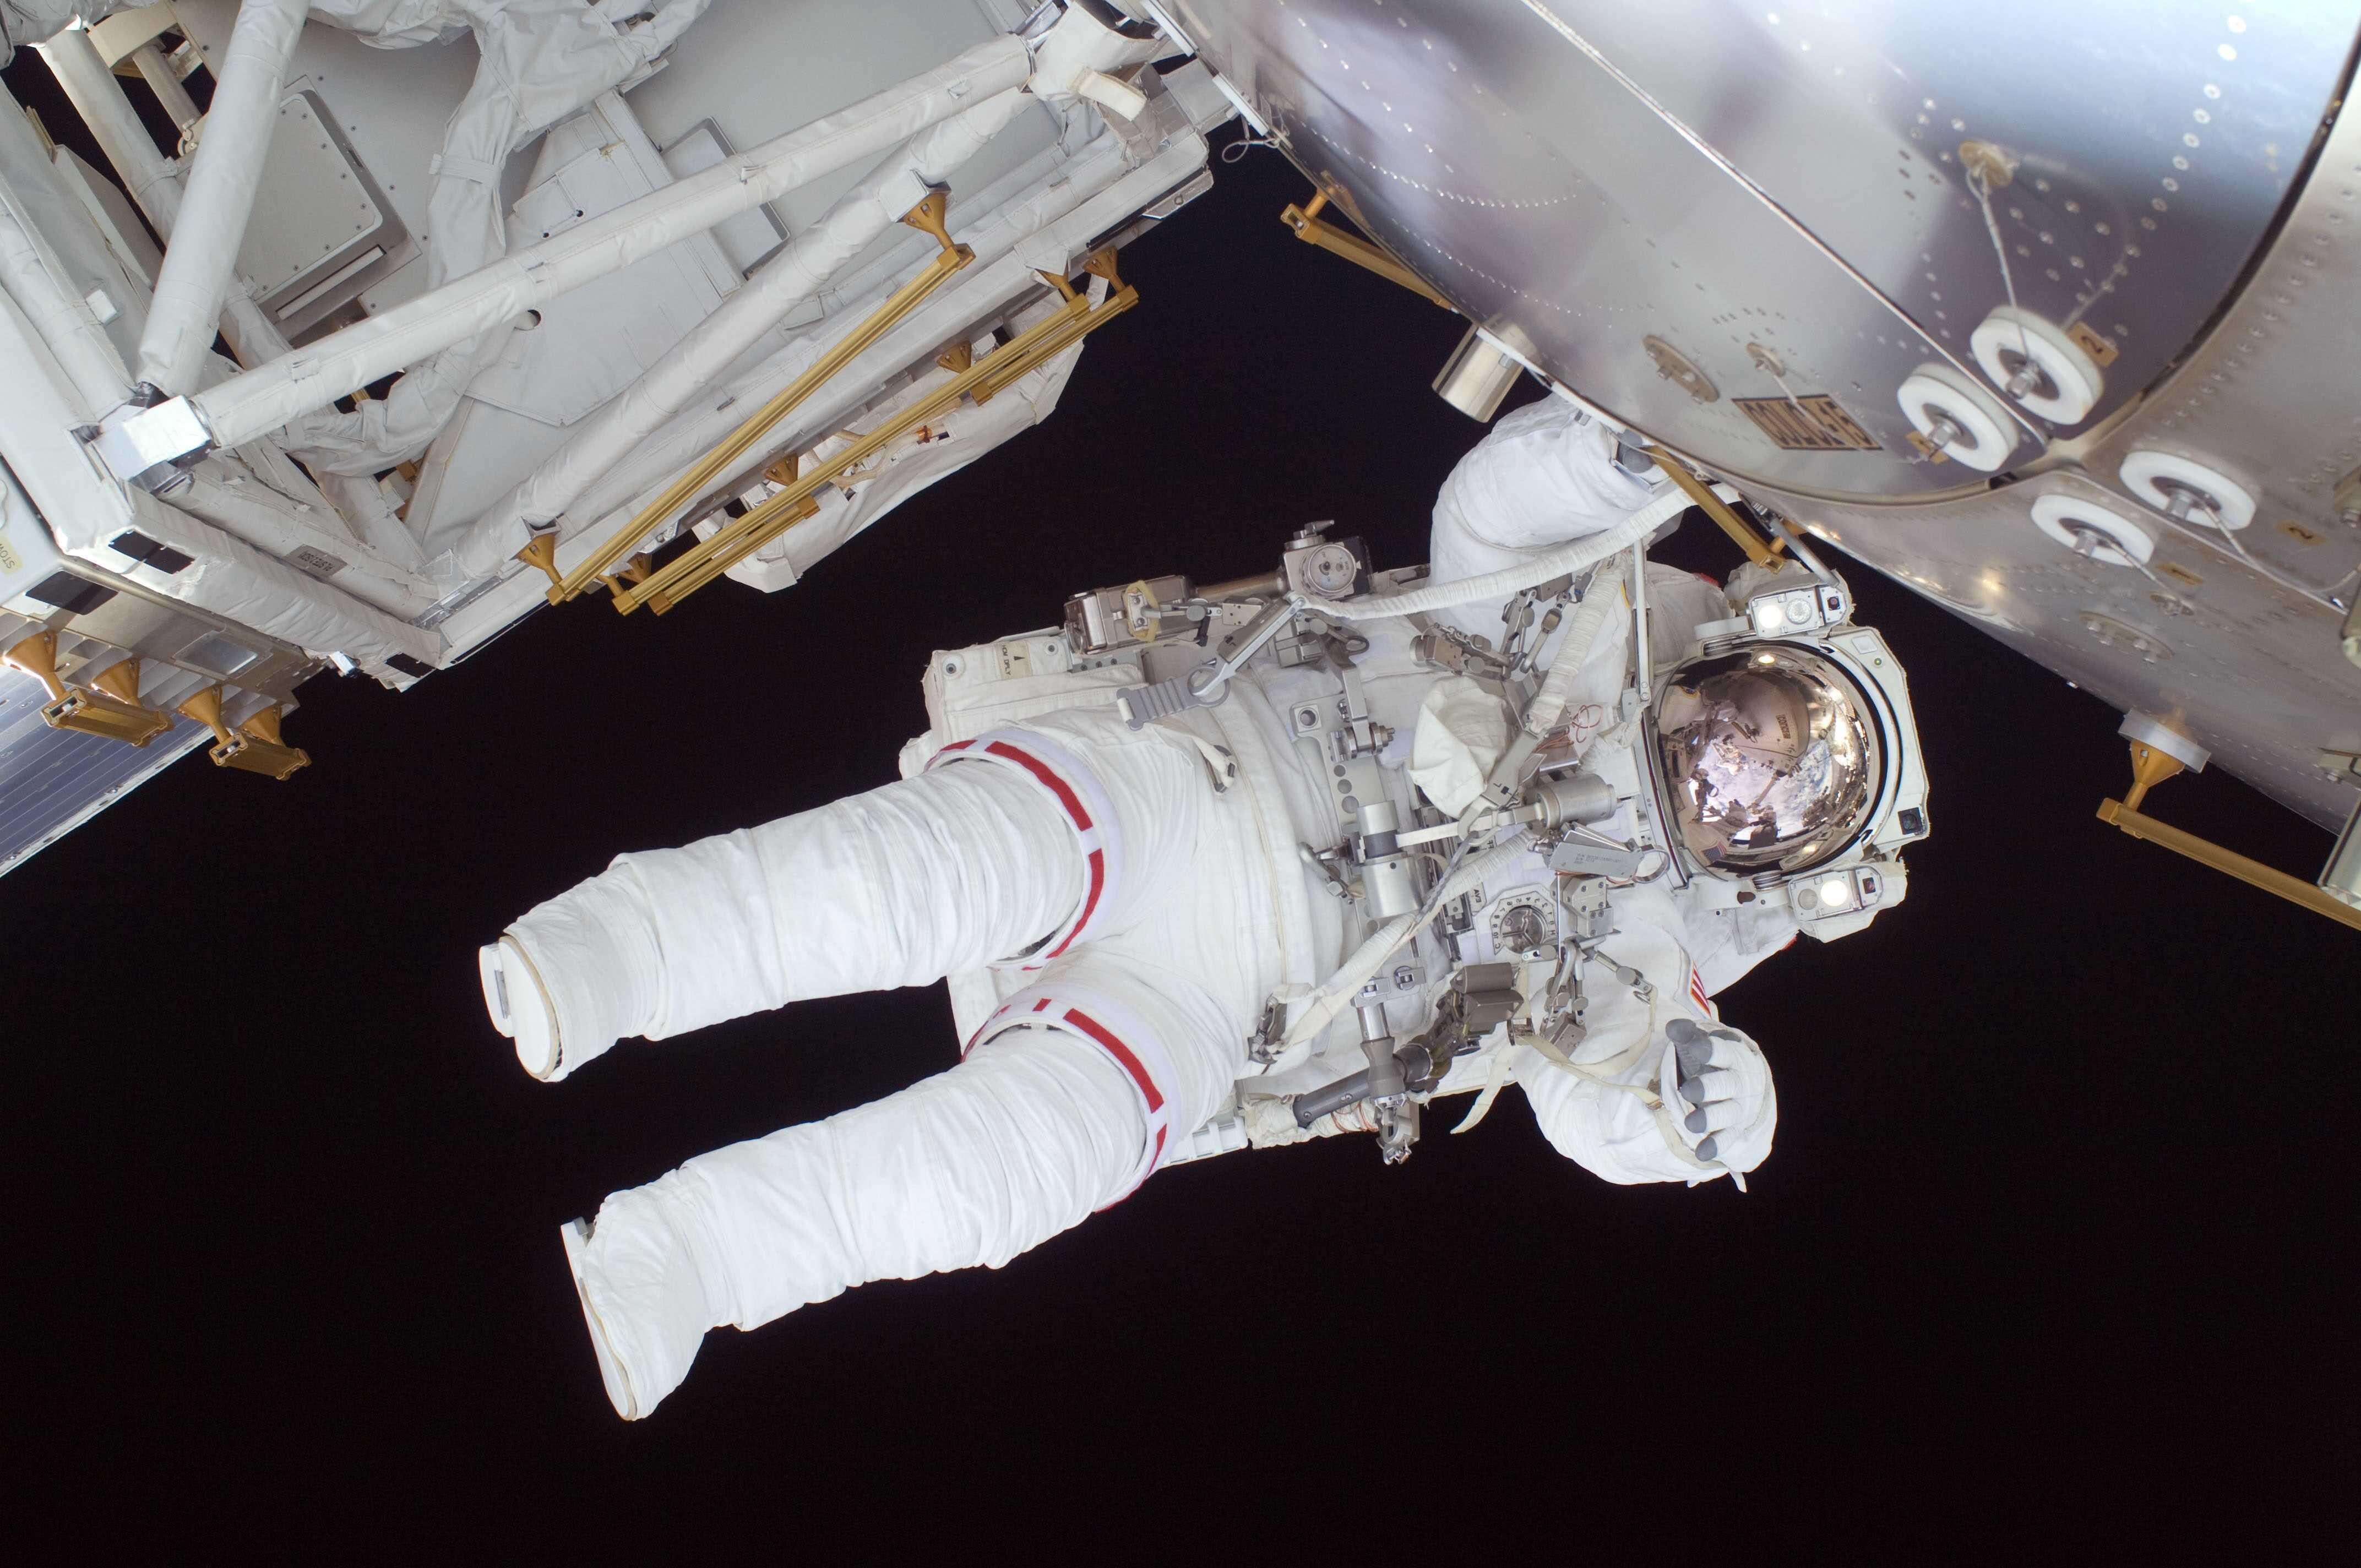 太空旅行副作用:宇航员血液中意外出现血块